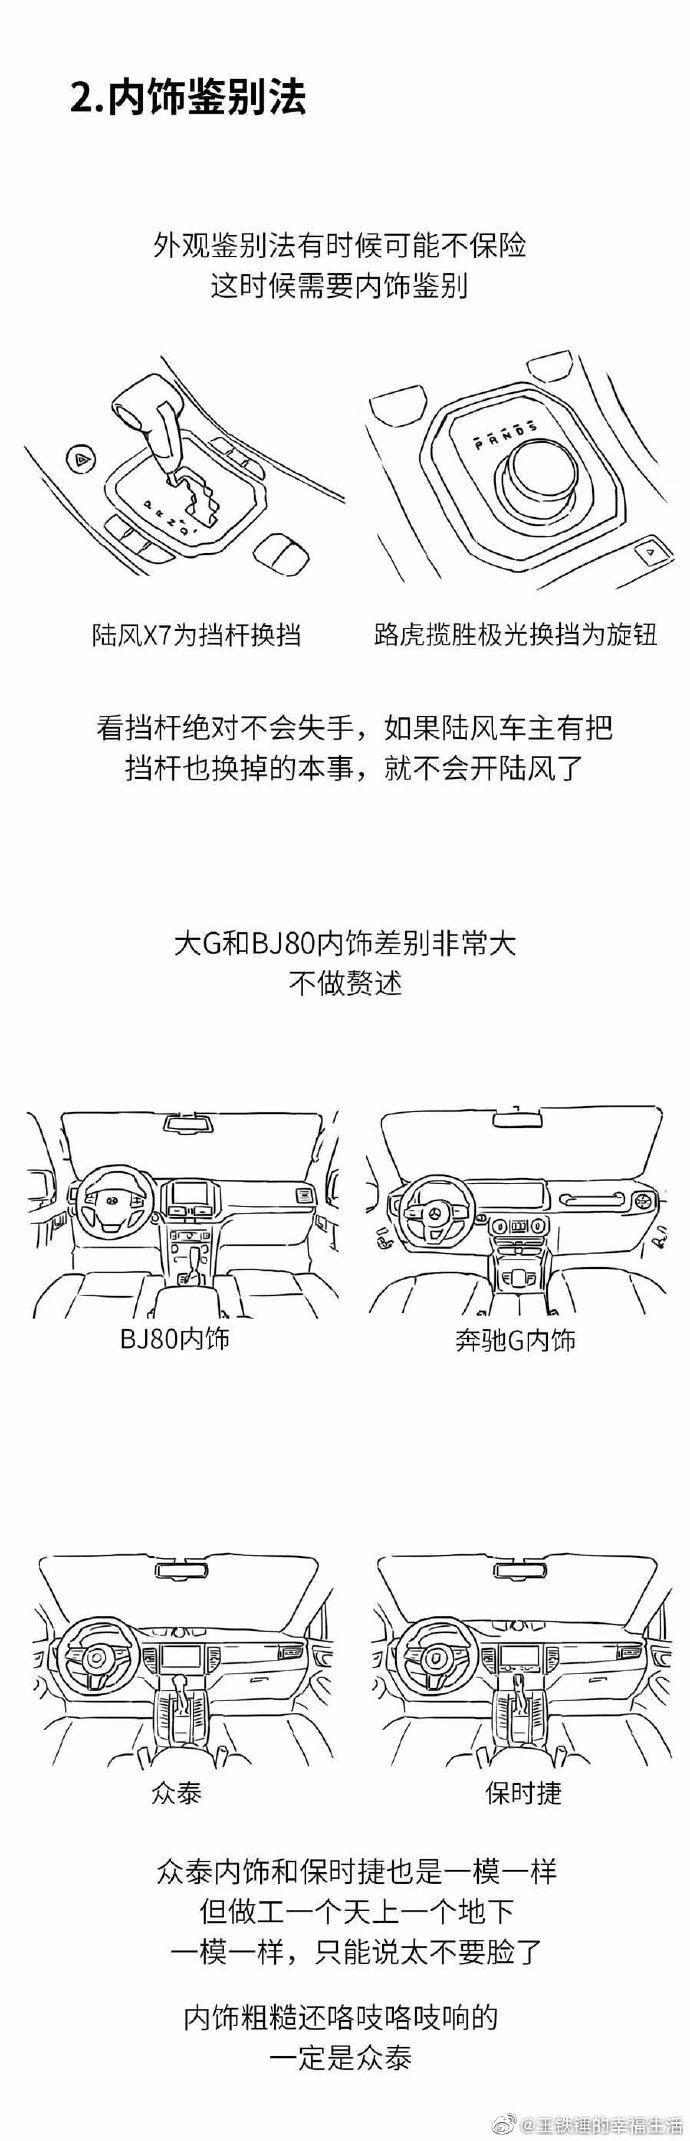 春节防装逼必备:假豪车鉴定指南  liuliushe.net六六社 第5张